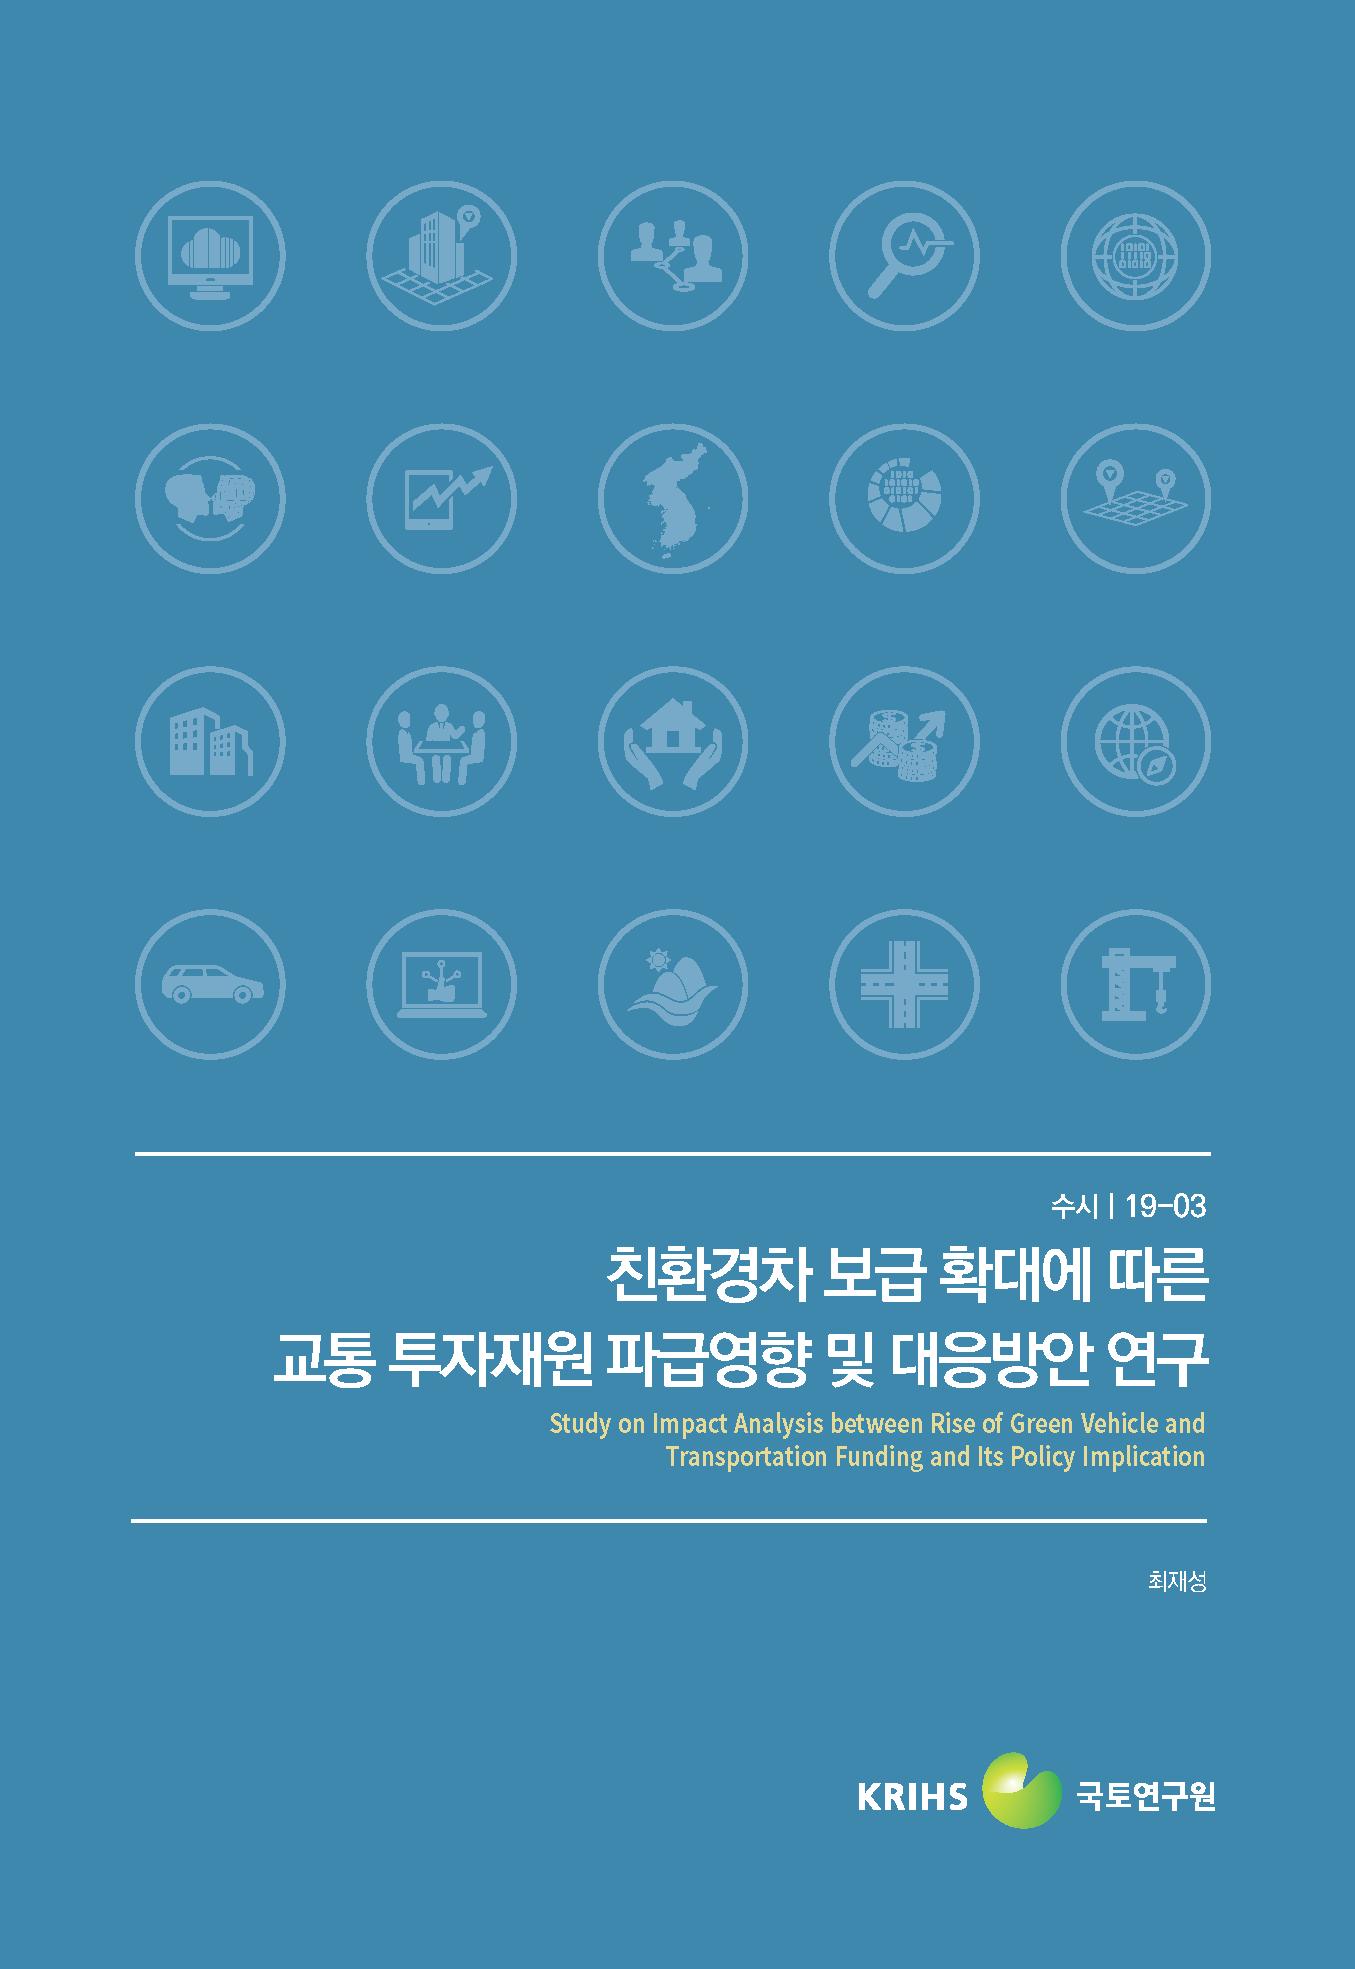 친환경차 보급 확대에 따른 교통 투자재원 파급영향 및 대응방안 연구표지